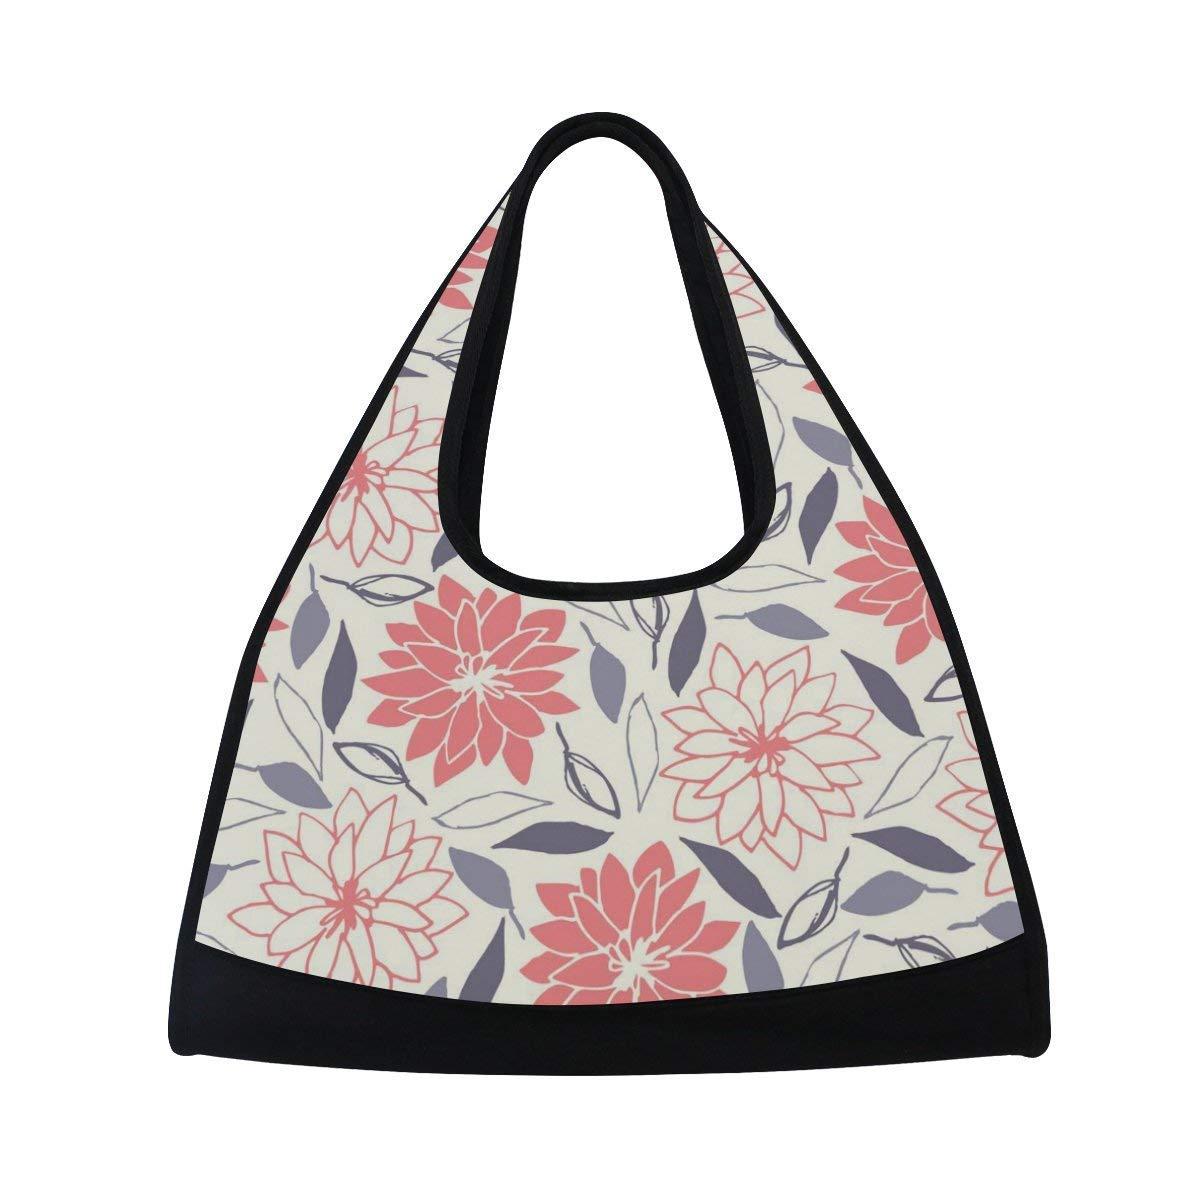 OuLian Sport Gym Bag Flower Leaf Canvas Travel Duffel Bag